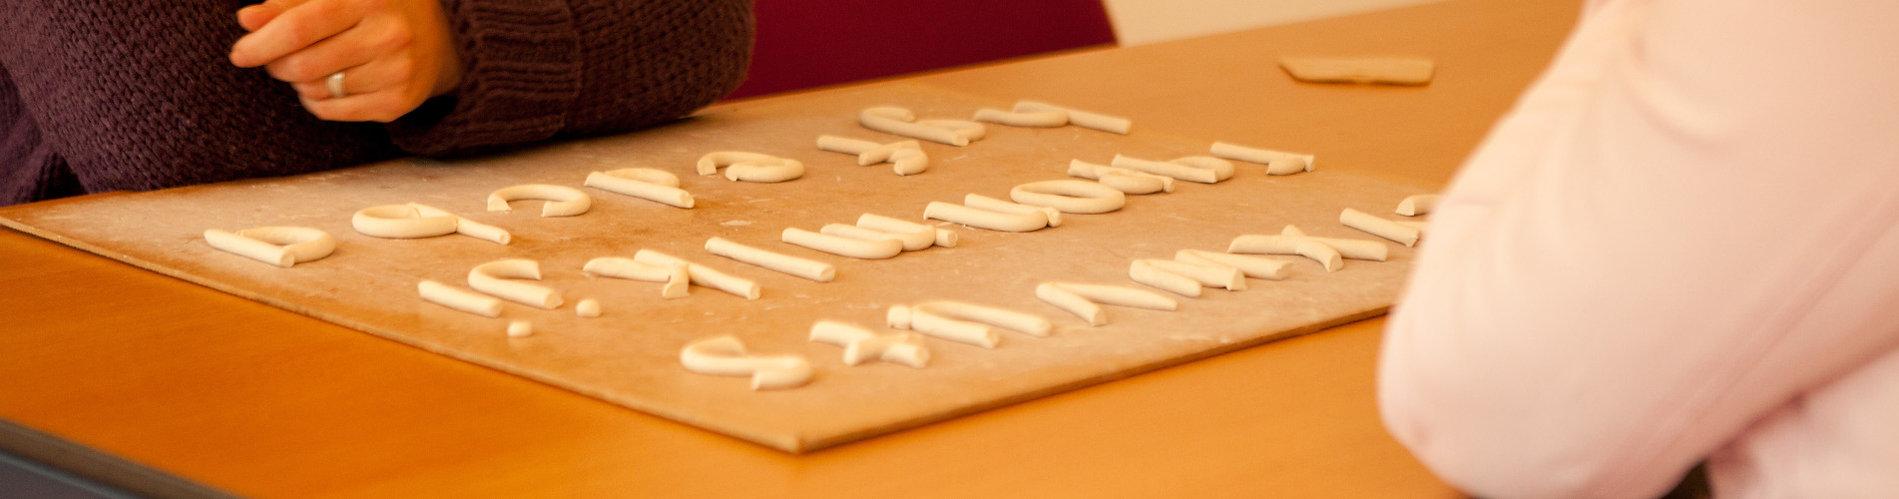 alfabet op tafel.jpg